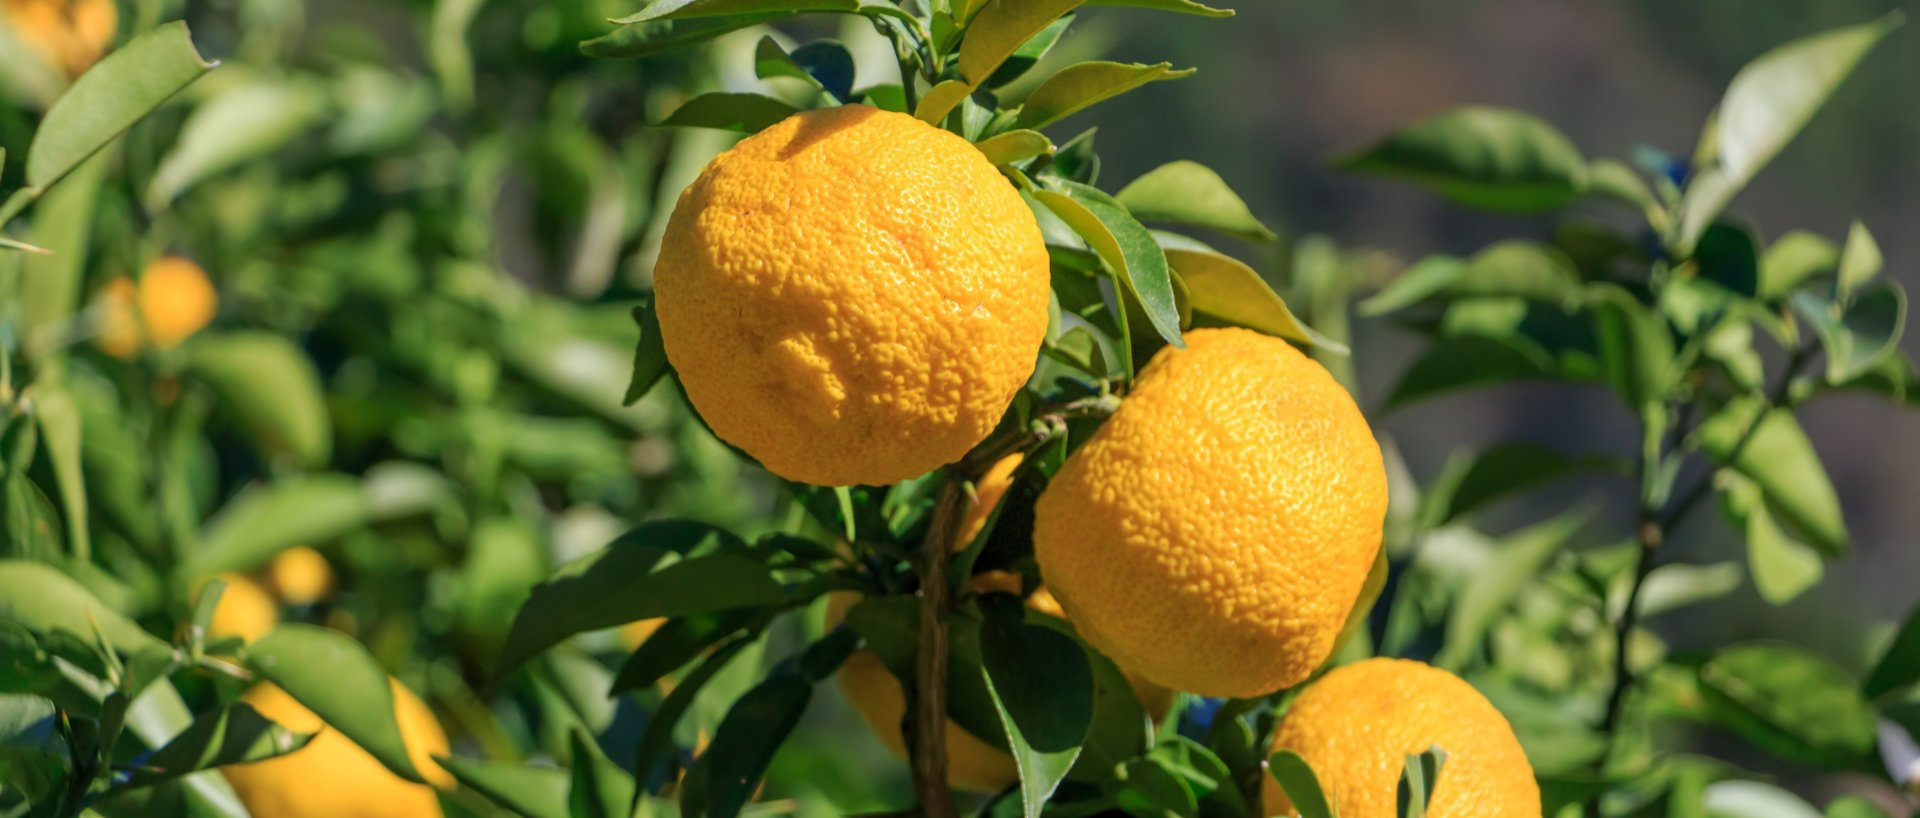 Organic Yuzu Fruit on a branch